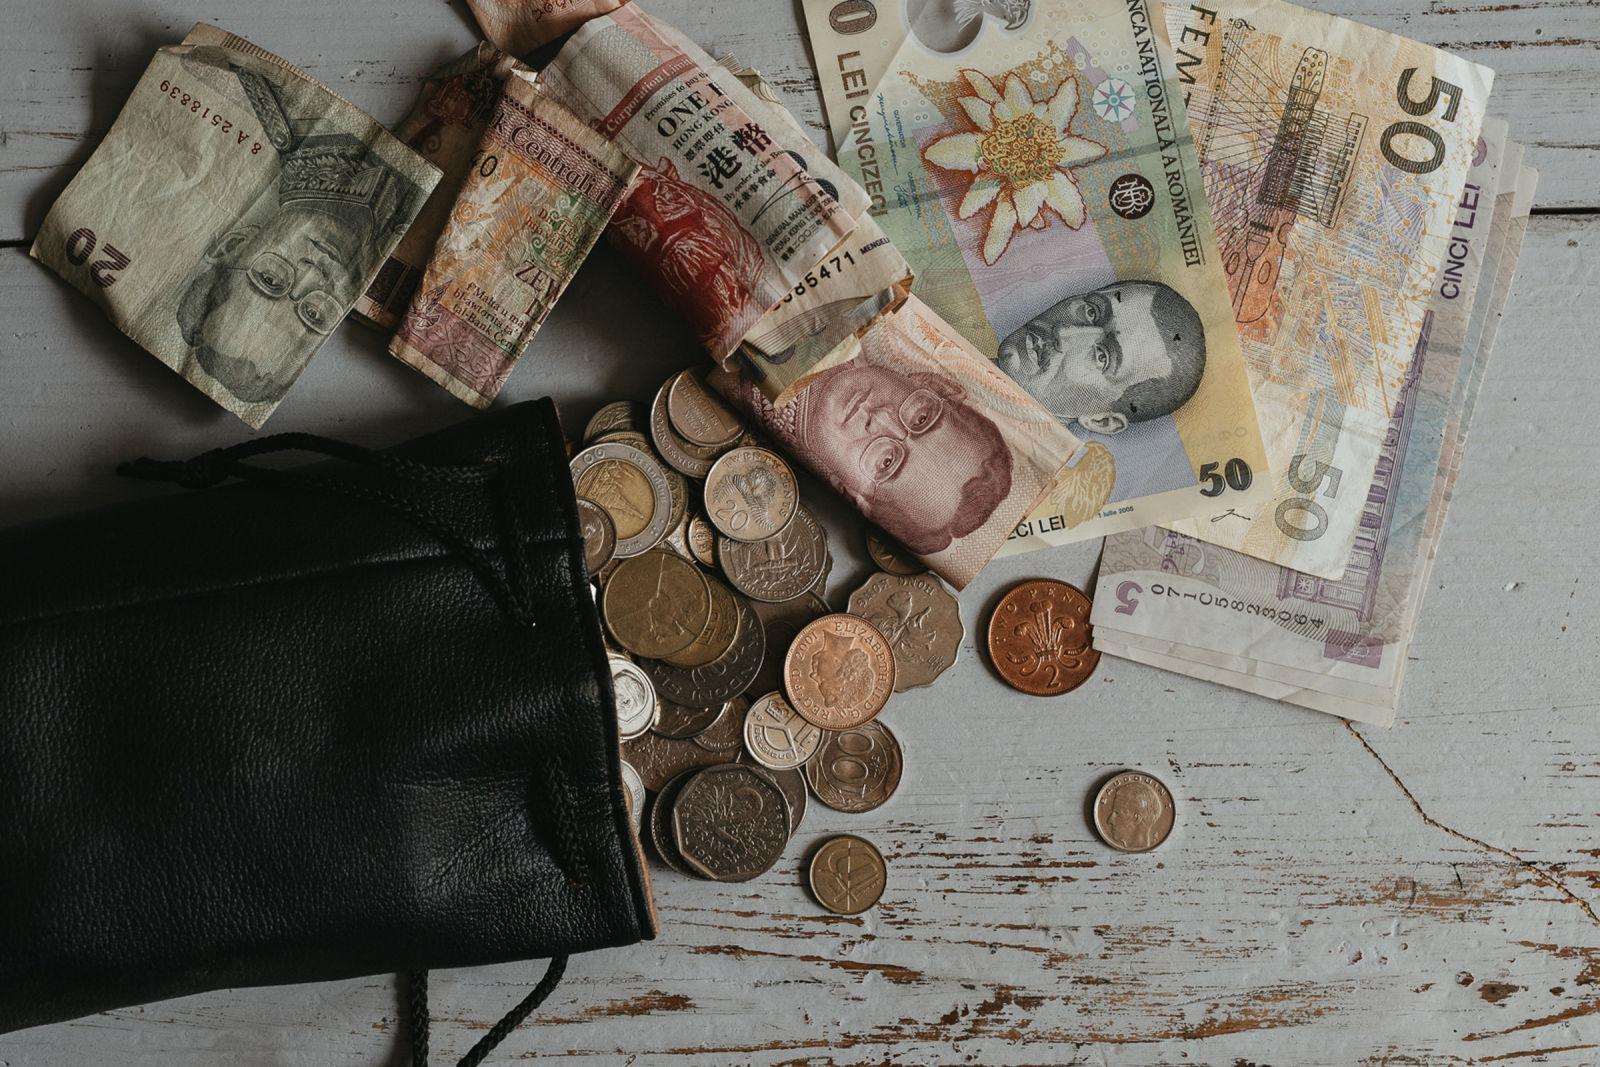 Der Plan zur langen Offroad-Reise - Besser eine verbreitete Währung in das Zielland mitnehmen und dort tauschen.